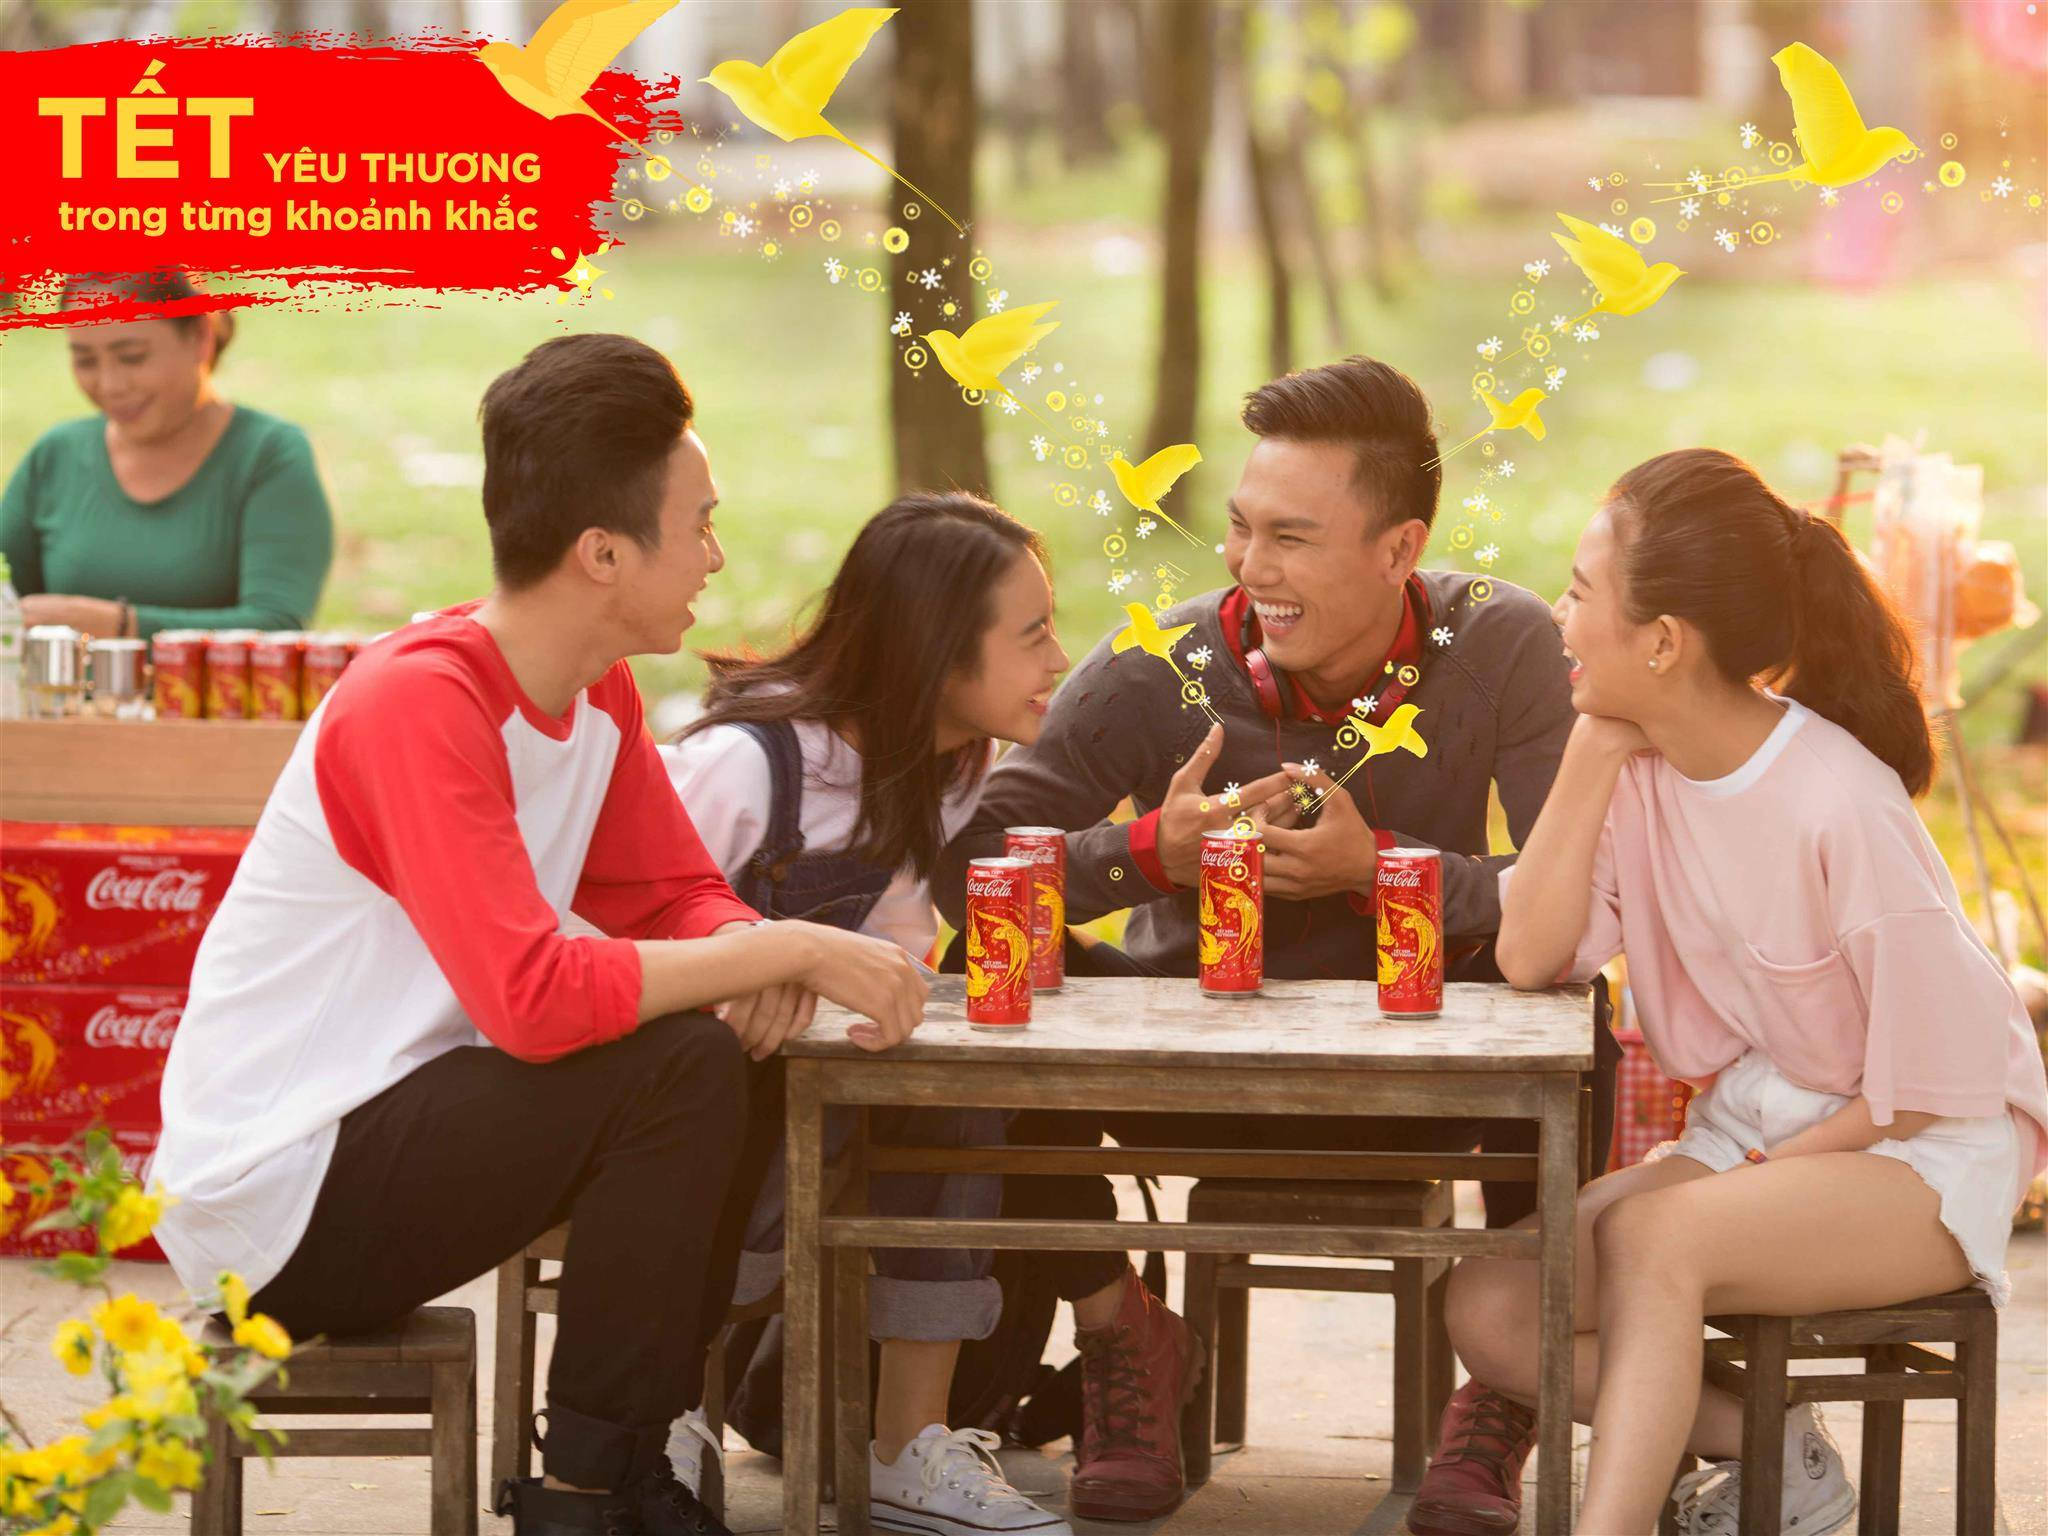 rgb_creative_ideas_campaign_tet_ven_yeu_thuong_cocacola_02